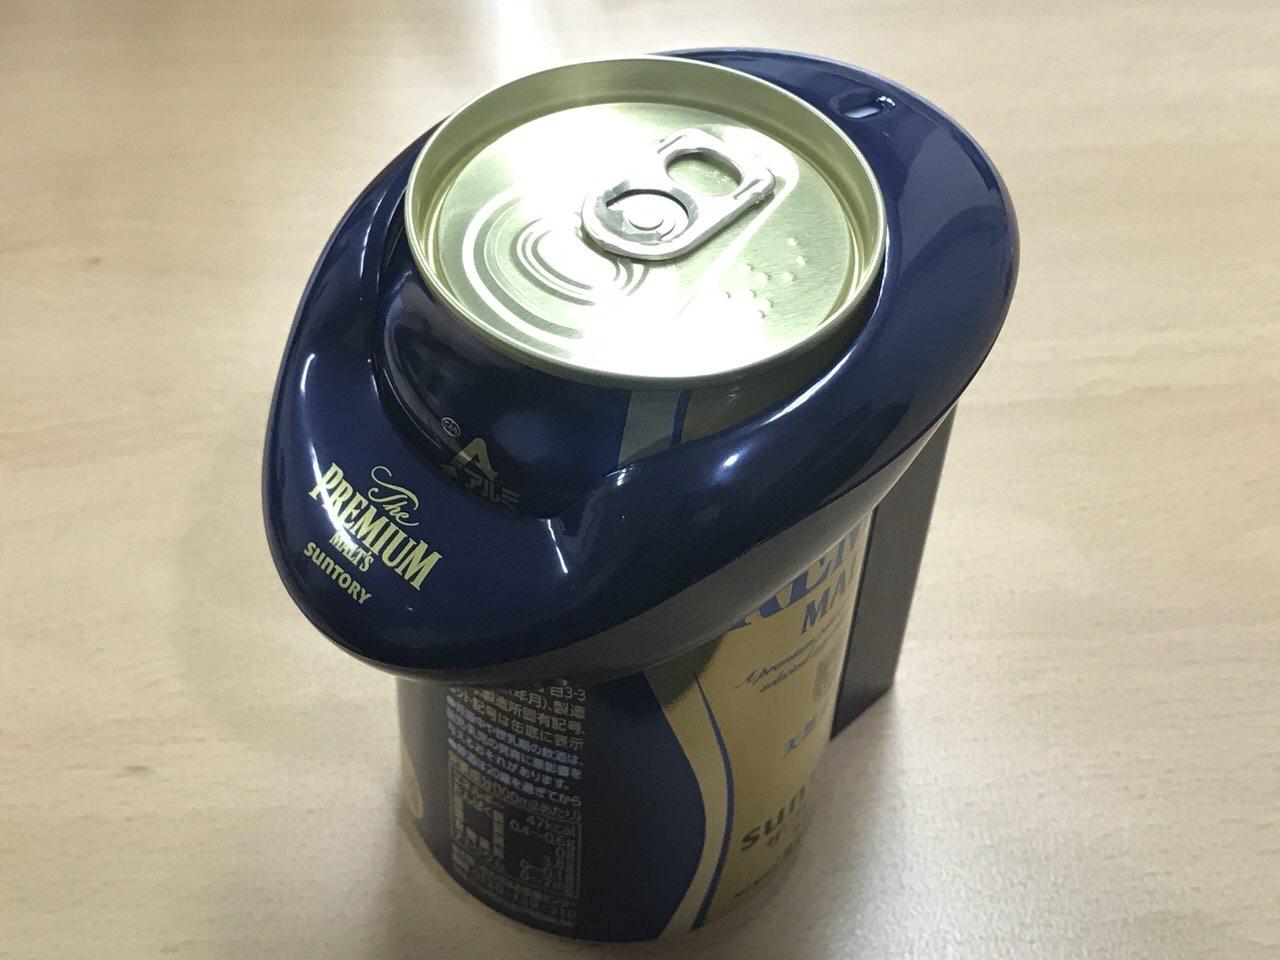 神泡サーバー2019 缶ビールに装着